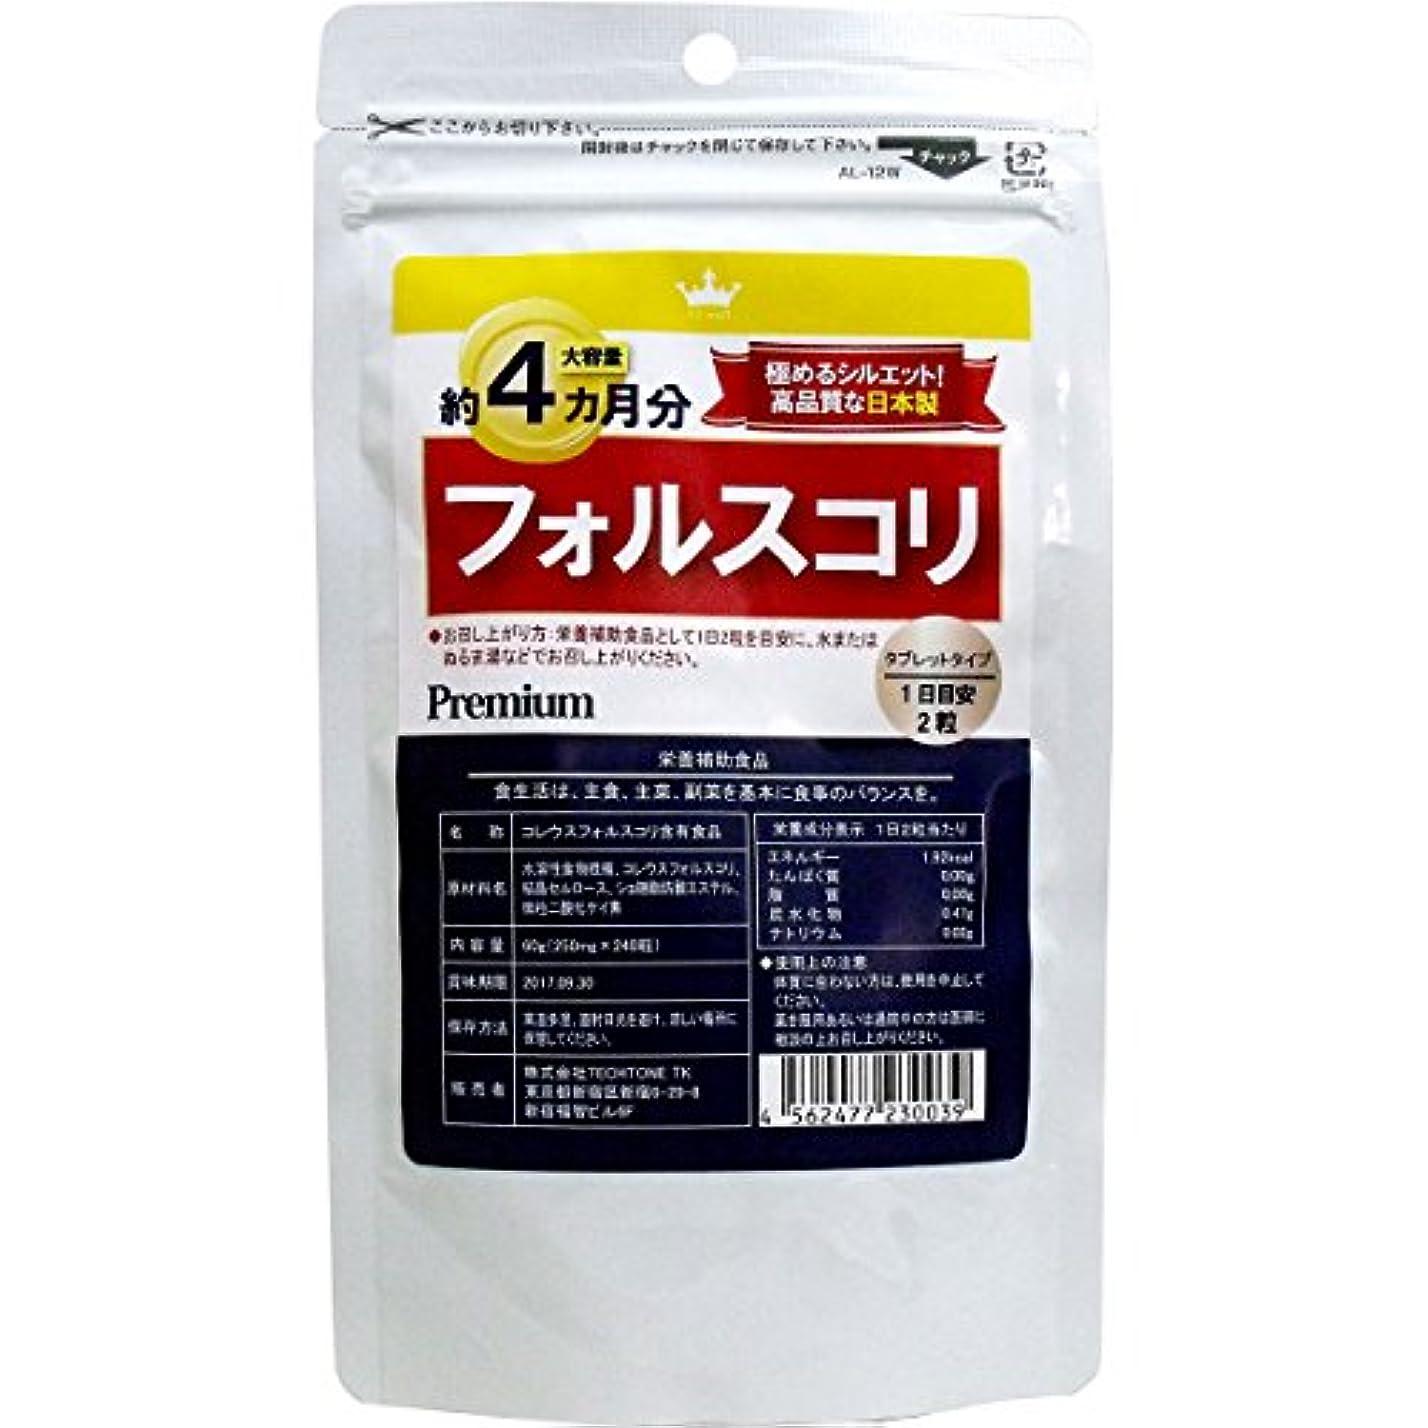 勃起取り戻す心理的ダイエット 高品質な日本製 人気 フォルスコリ 約4カ月分 240粒入【2個セット】